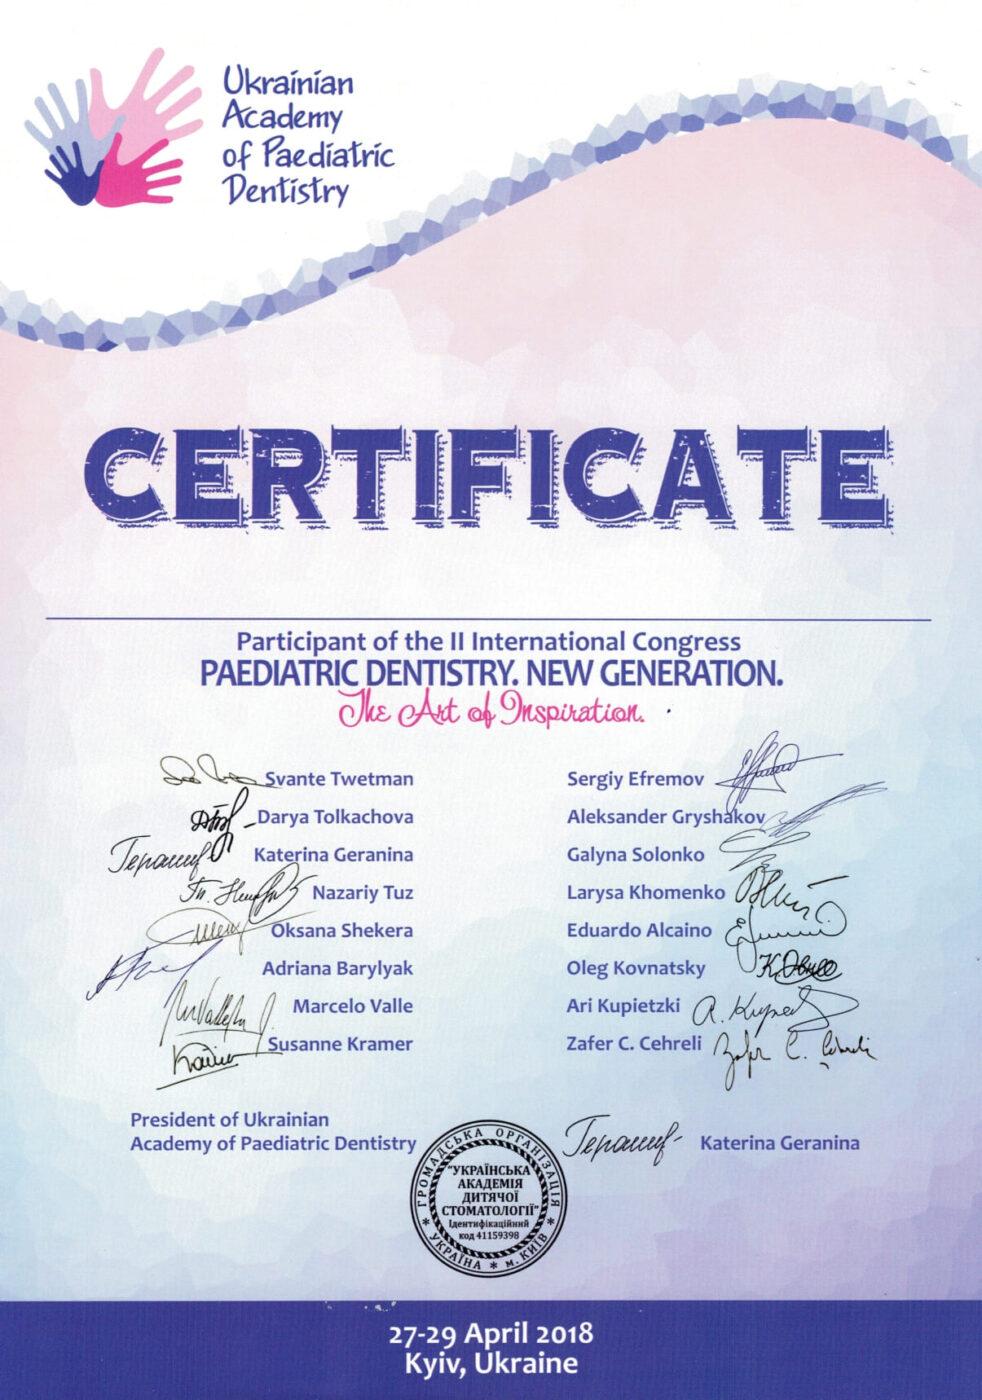 Сертификат подтверждающий участие Алёны Мирошниченко в курсе - Paradentic dentistry